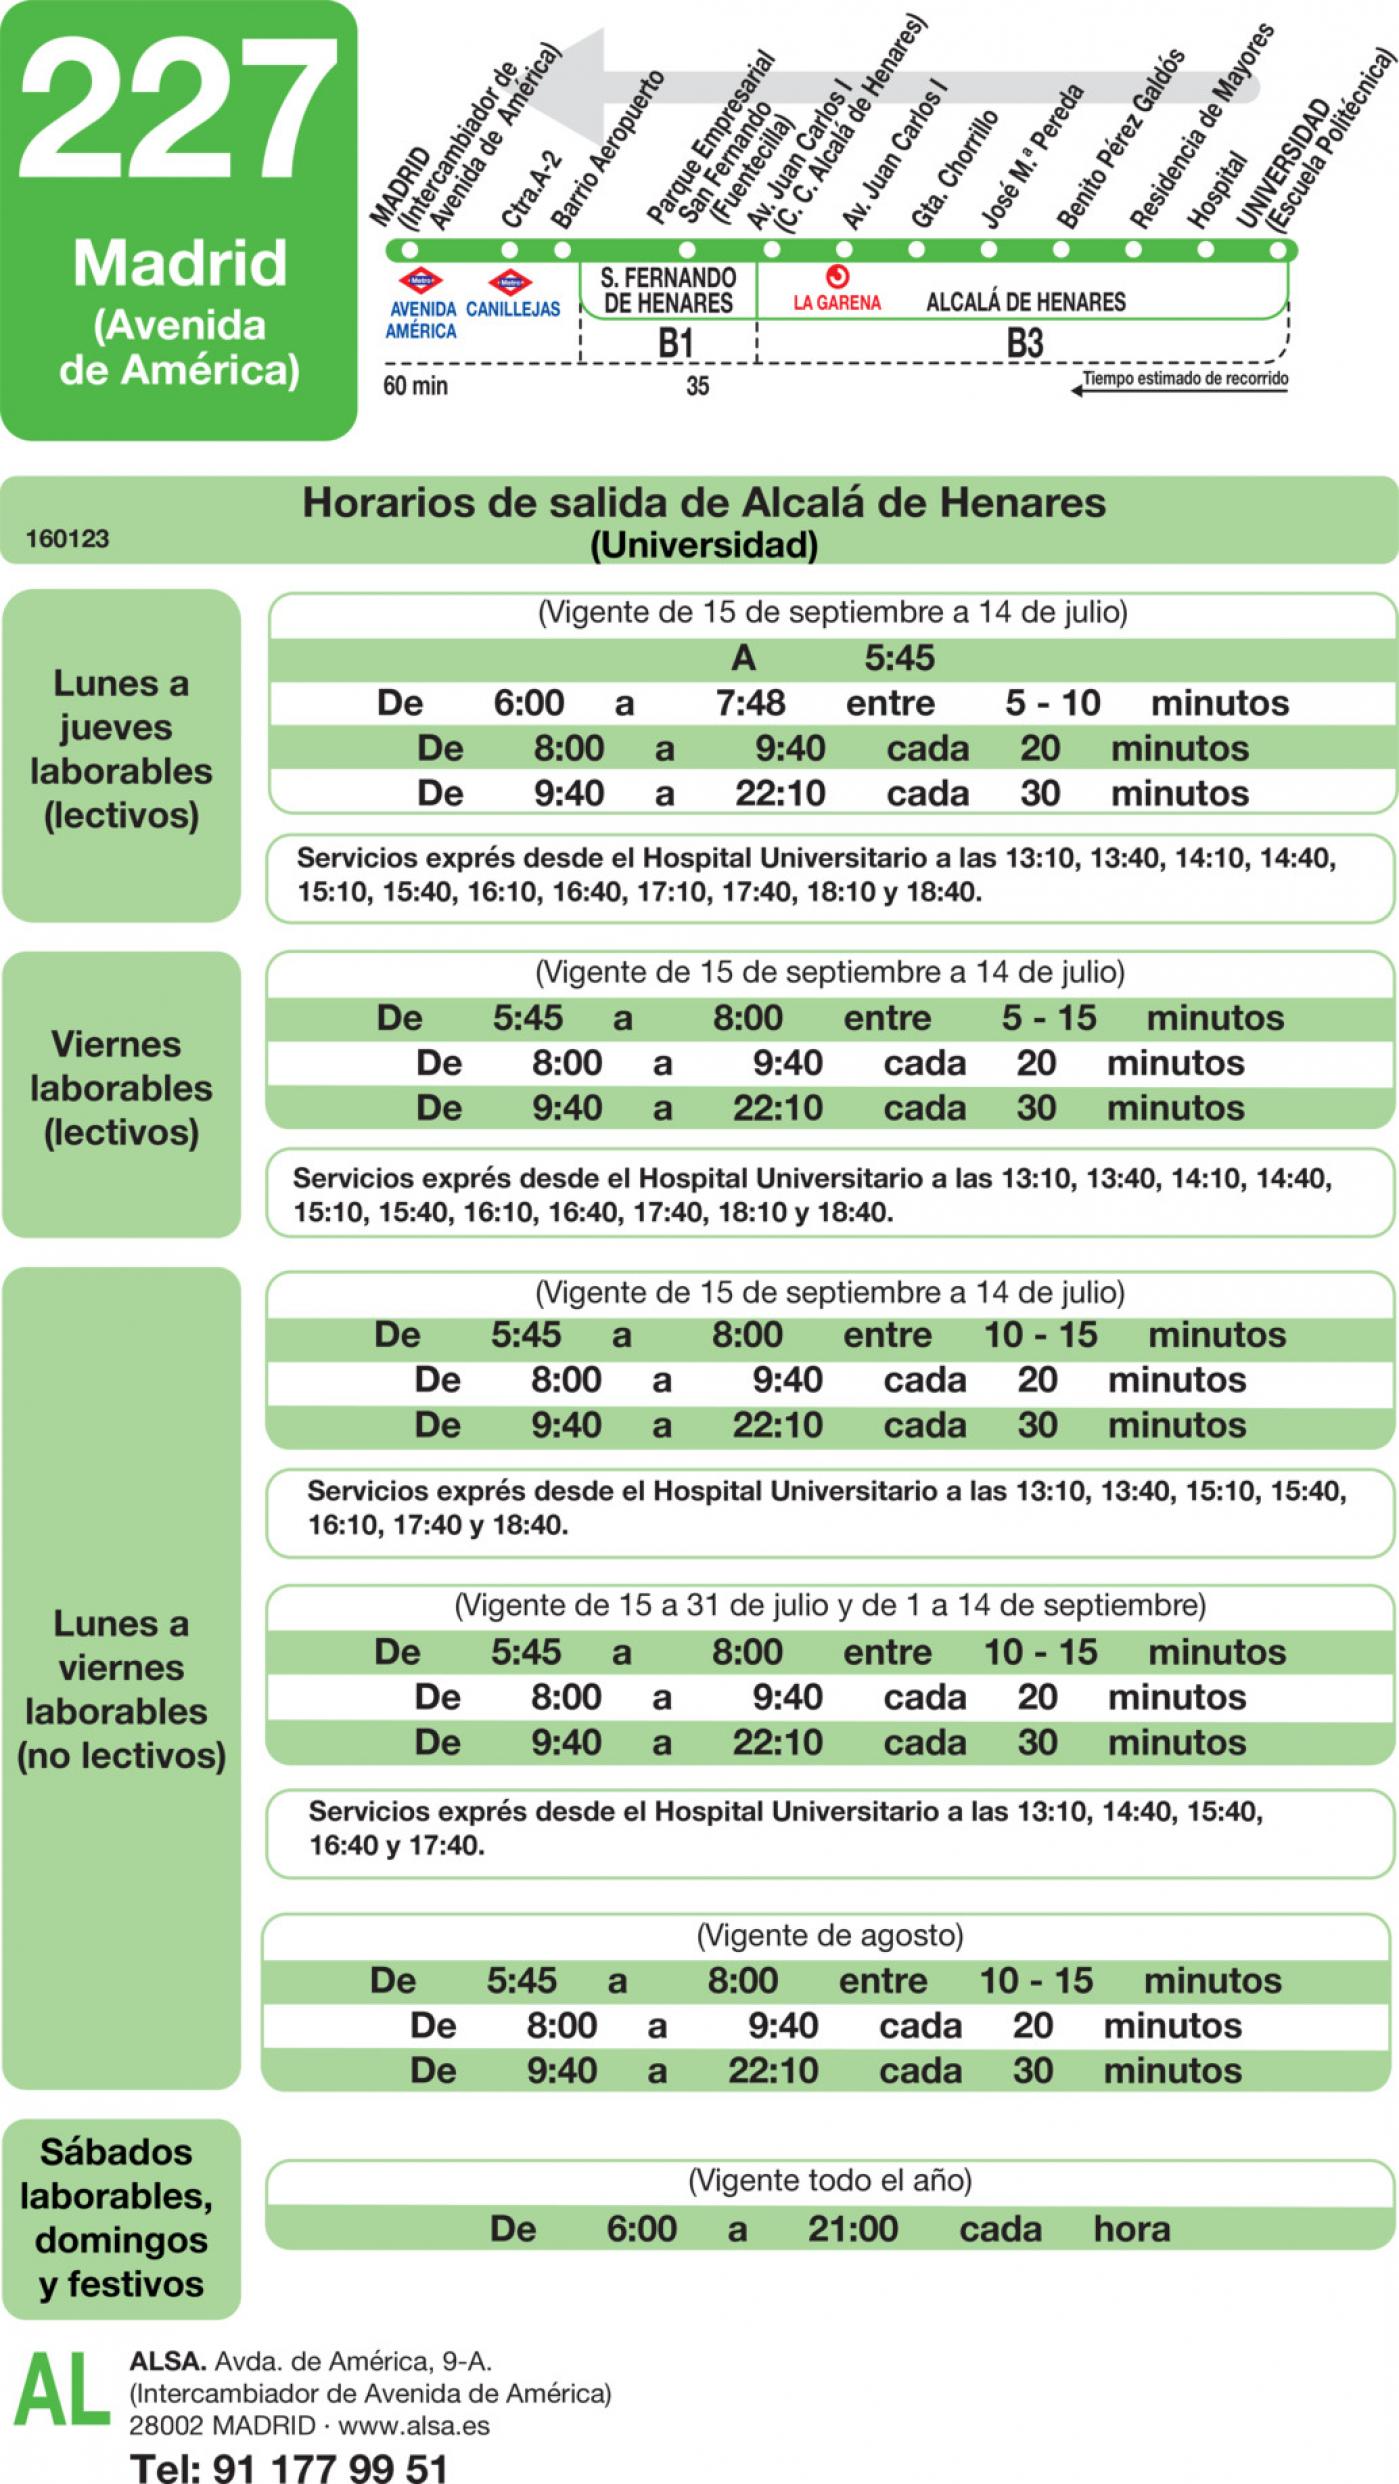 Tabla de horarios y frecuencias de paso en sentido vuelta Línea 227: Madrid (Avenida América) - Alcalá de Henares (Espartales - Universidad)